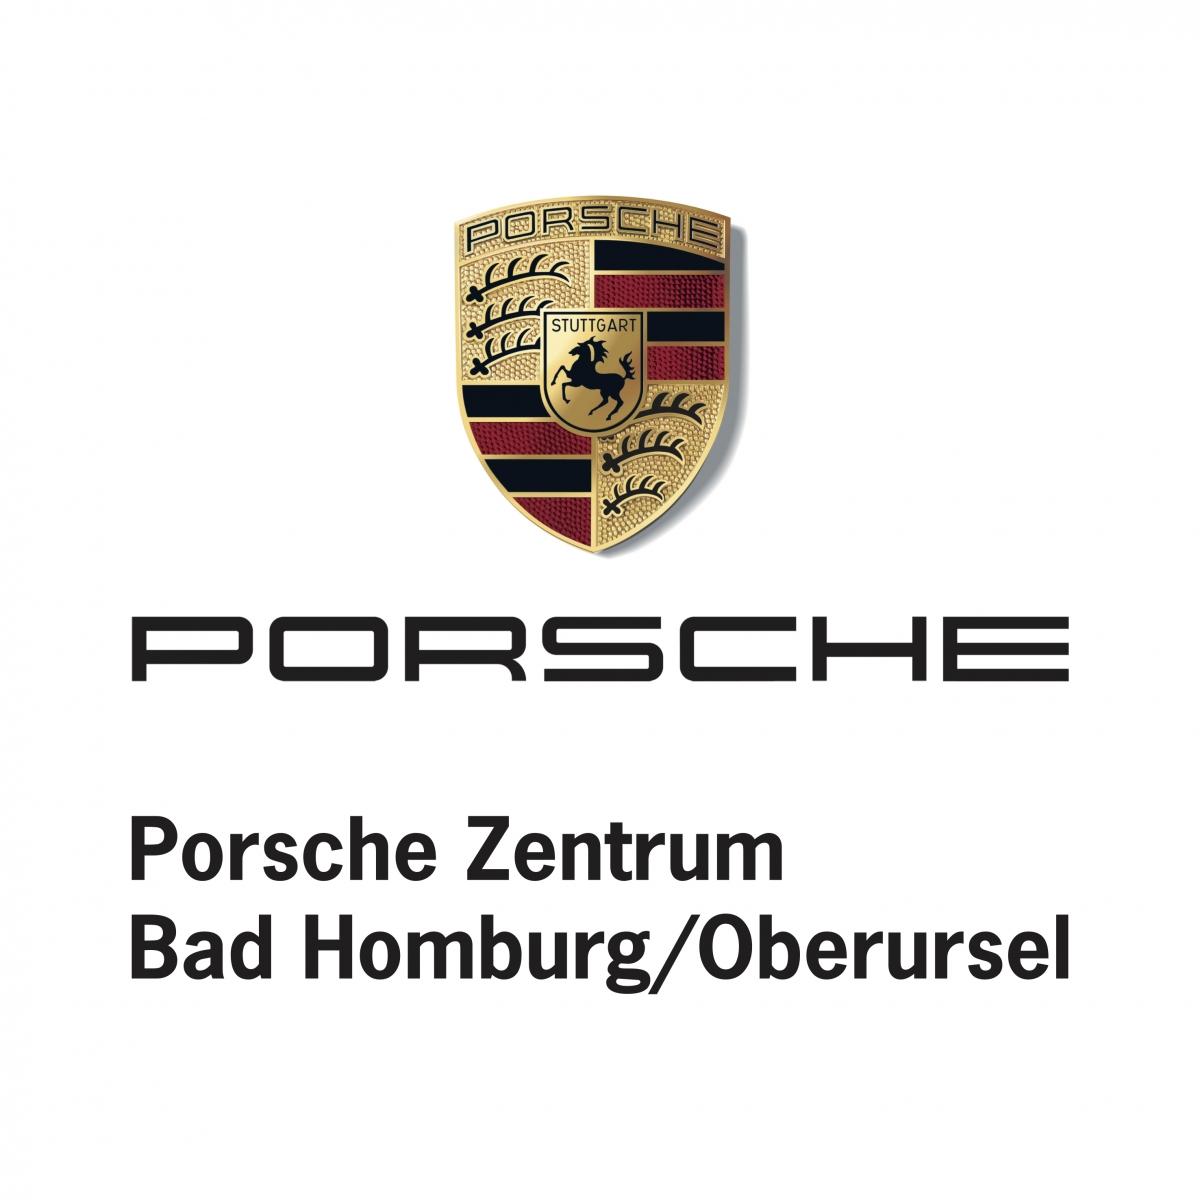 007_Porsche